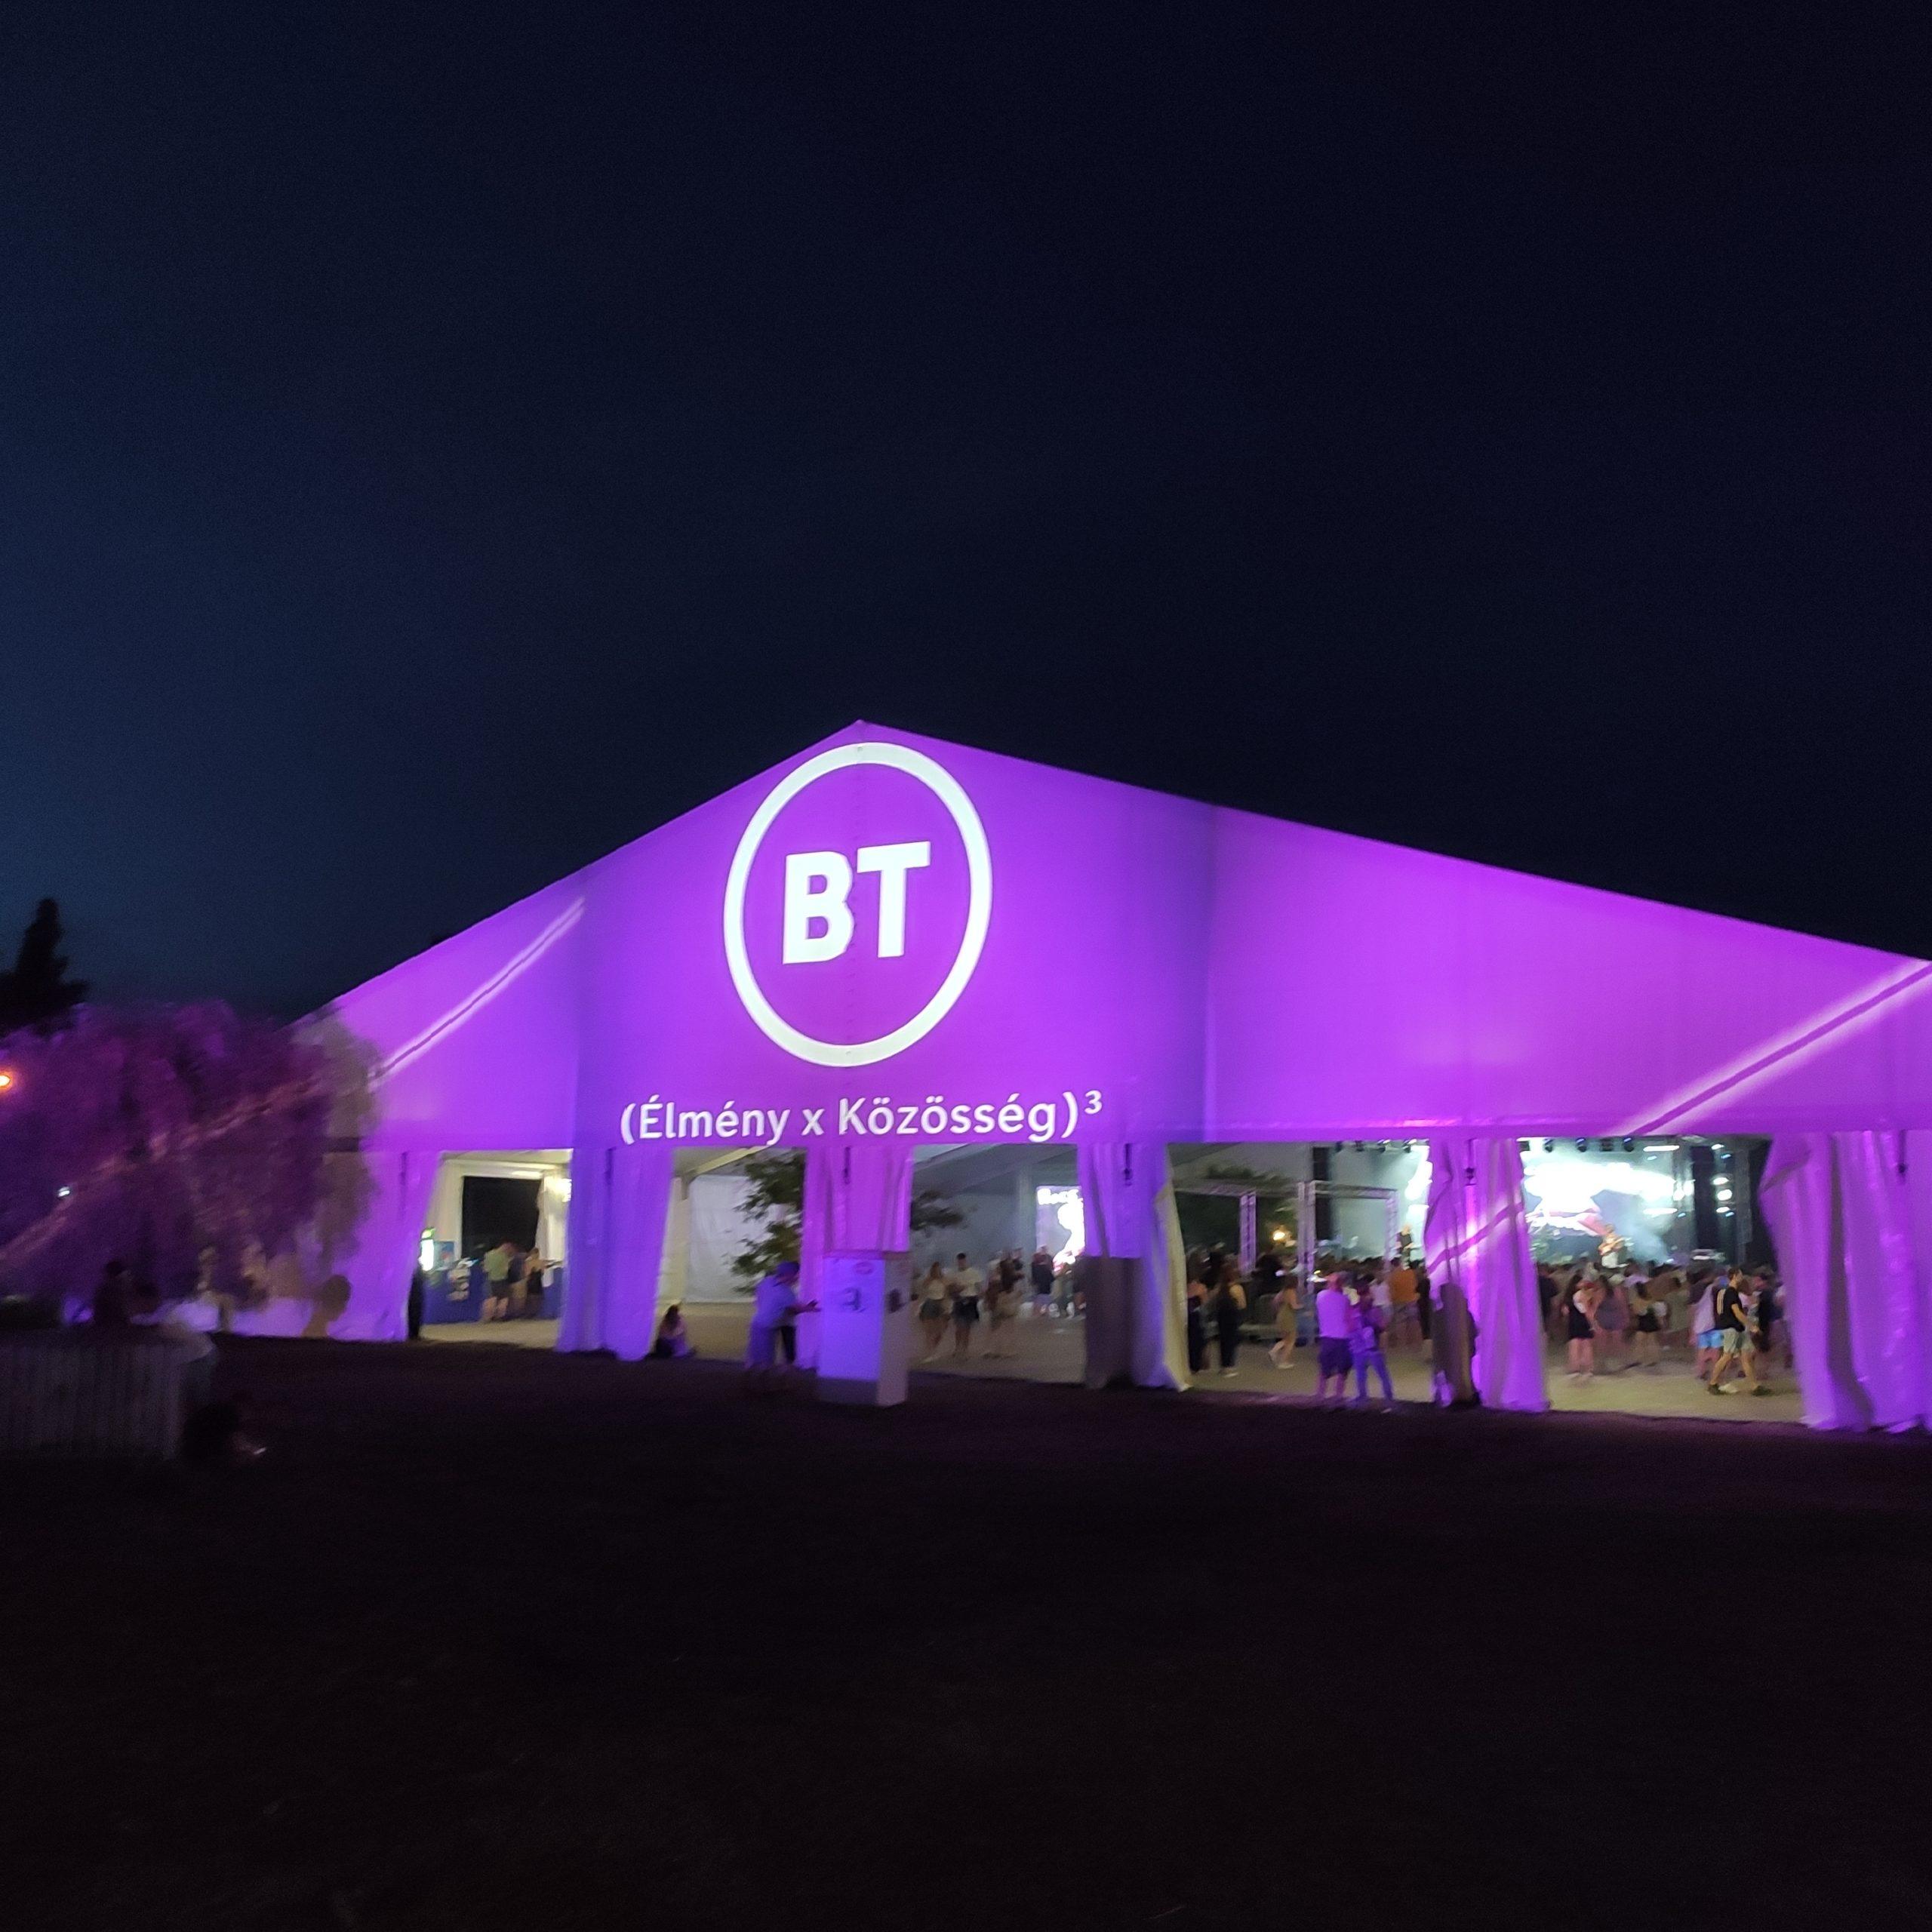 BT fesztivál installáció és kommunikáció